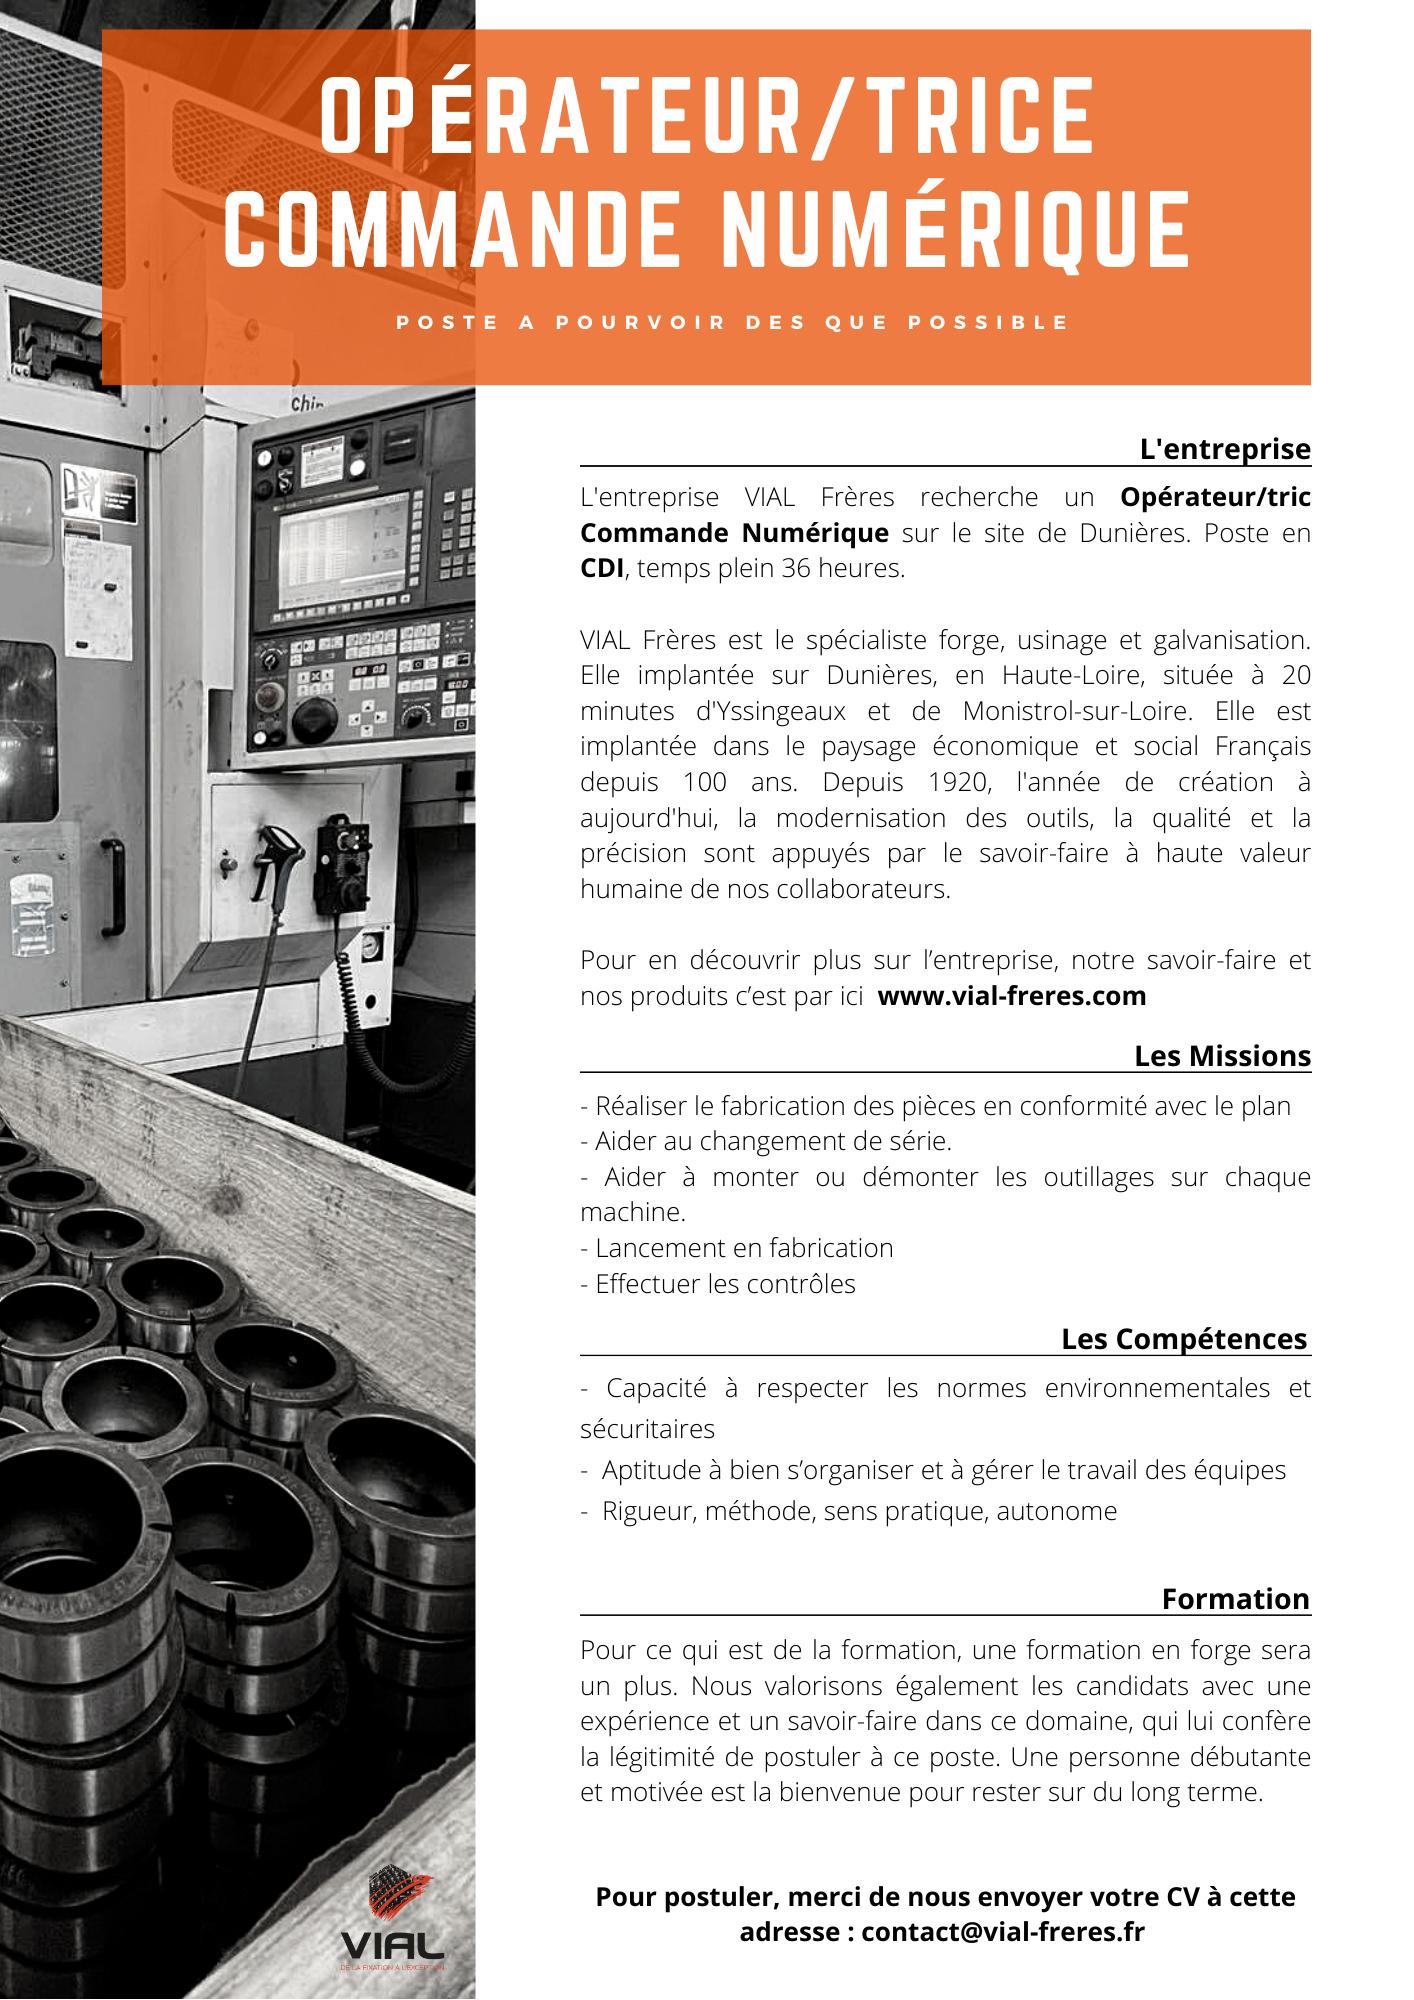 offre-demploi-VIAL-Opérateurtric-Commande-Numérique VIAL frères